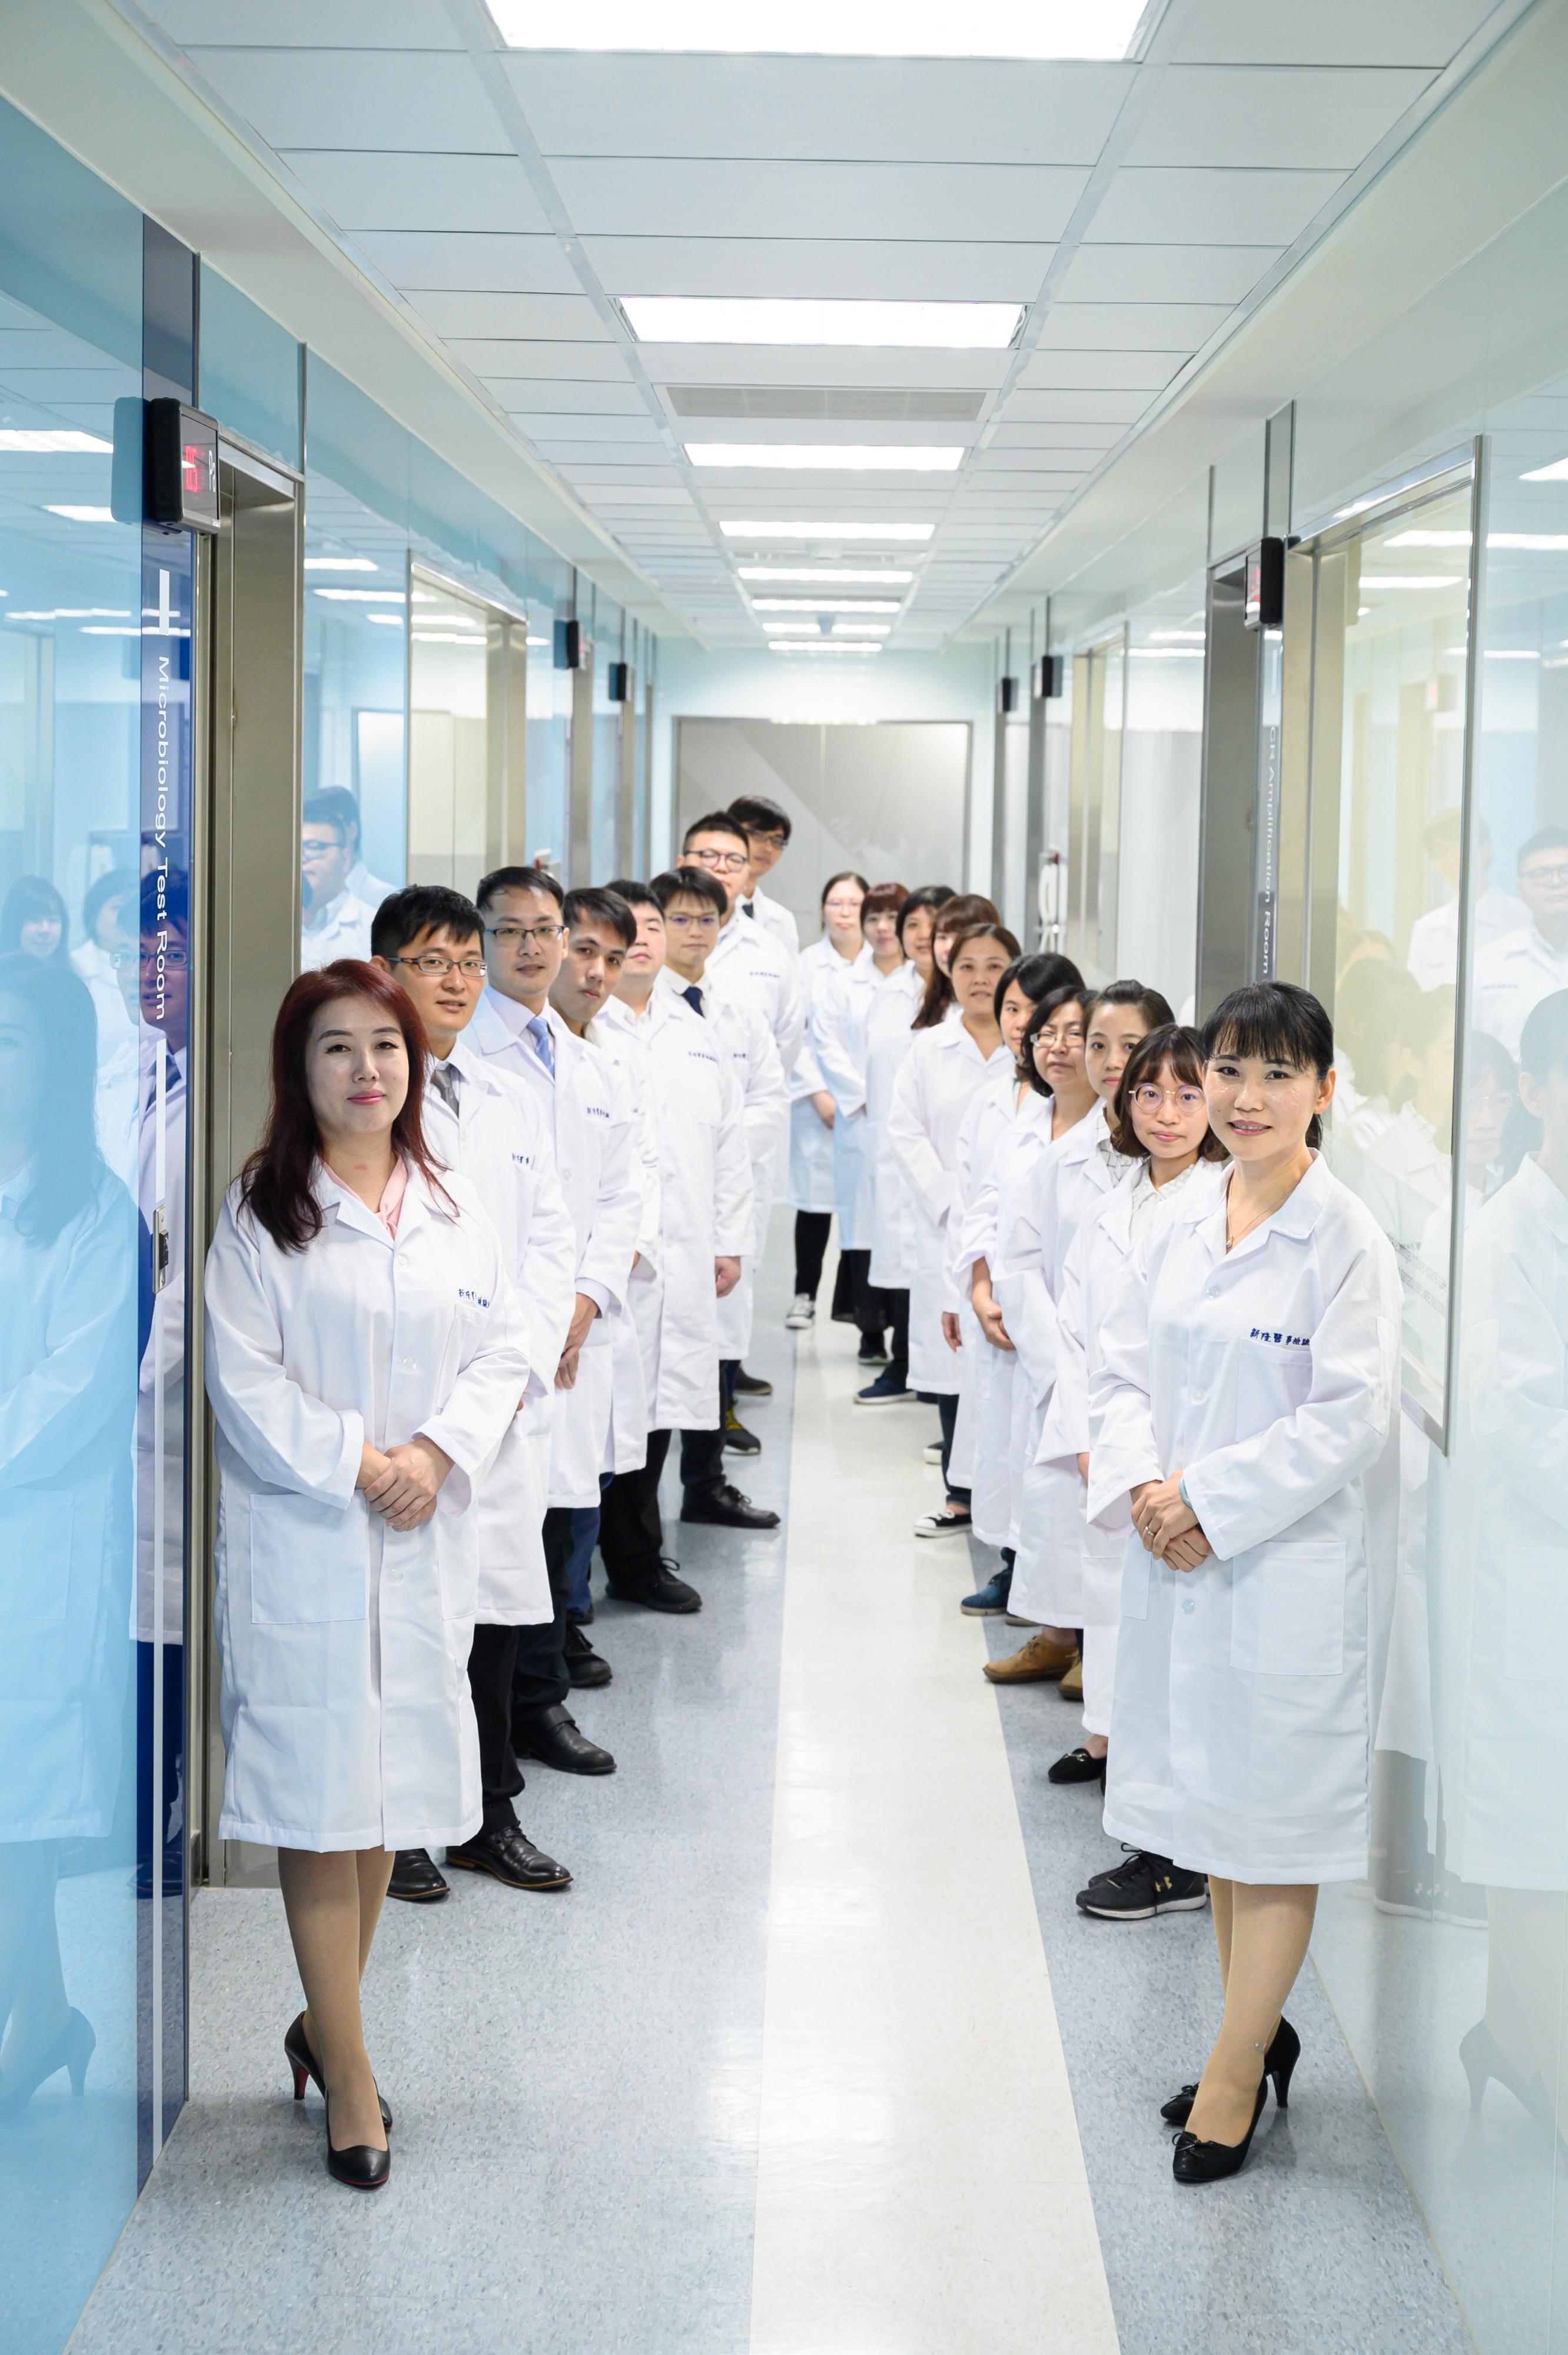 吉蔚精準檢驗專業檢驗團隊